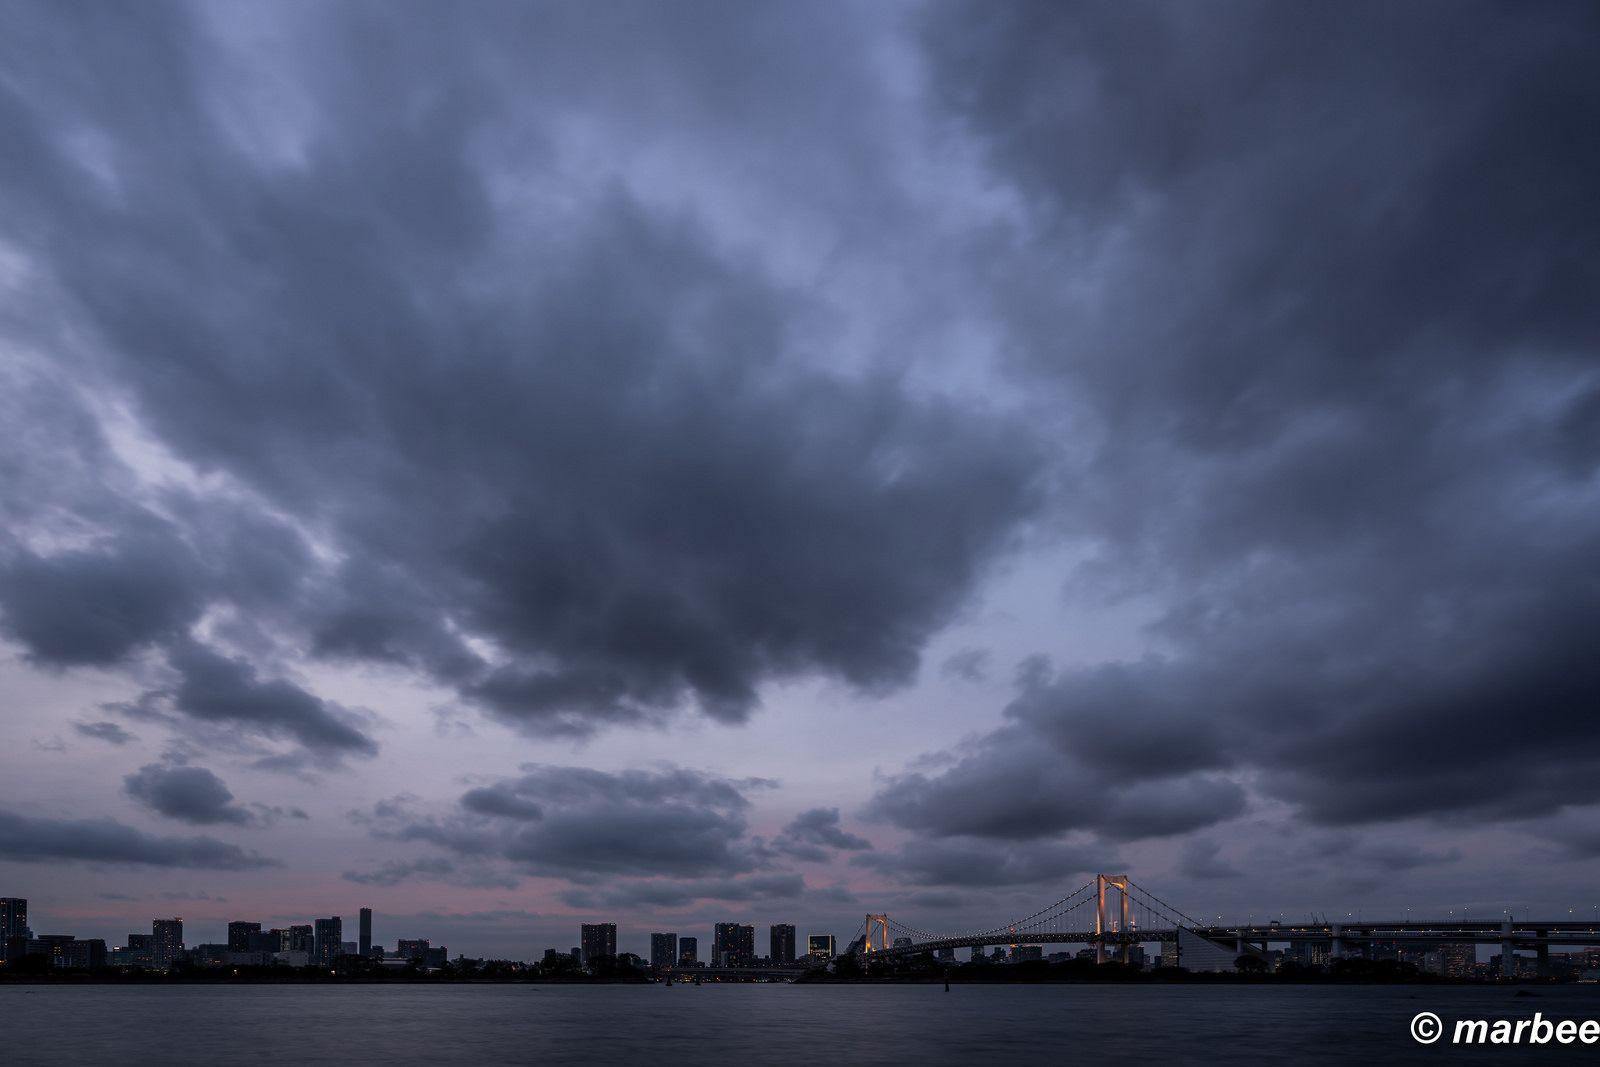 晴れた空も良いけれど、曇りの空には個性がある。 その流れている姿に ...